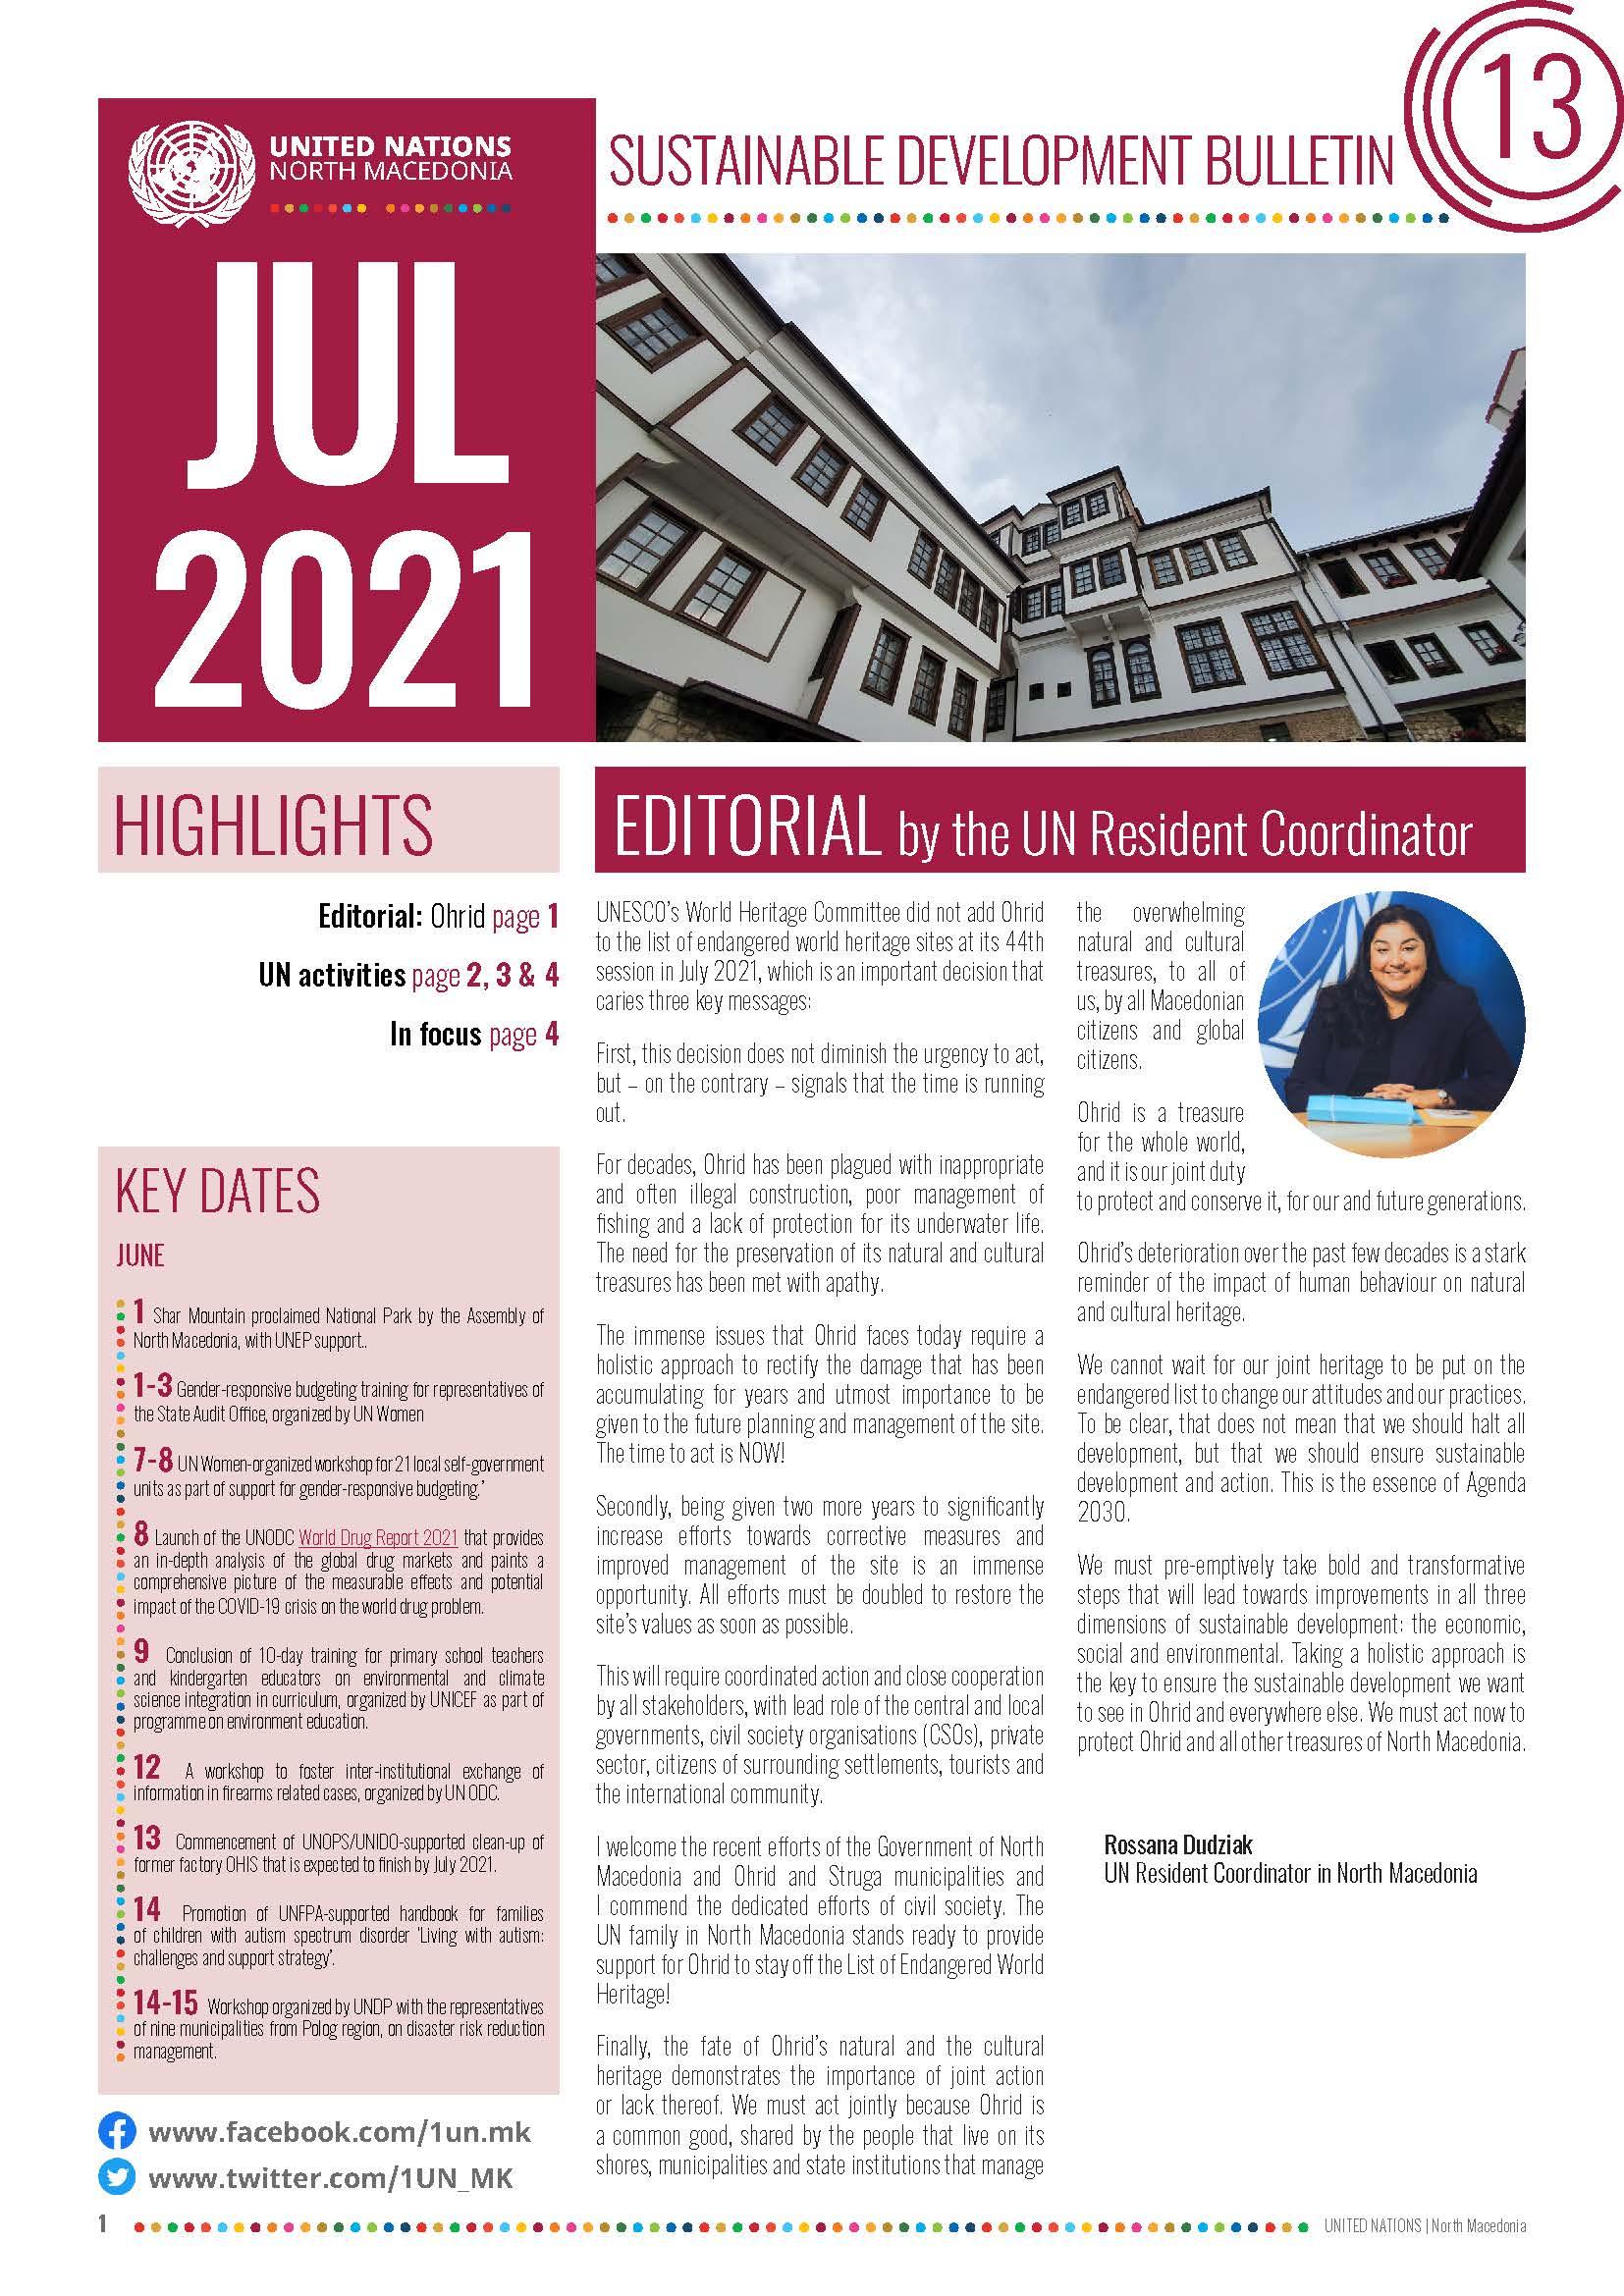 Билтен за одржлив развој за јули 2021